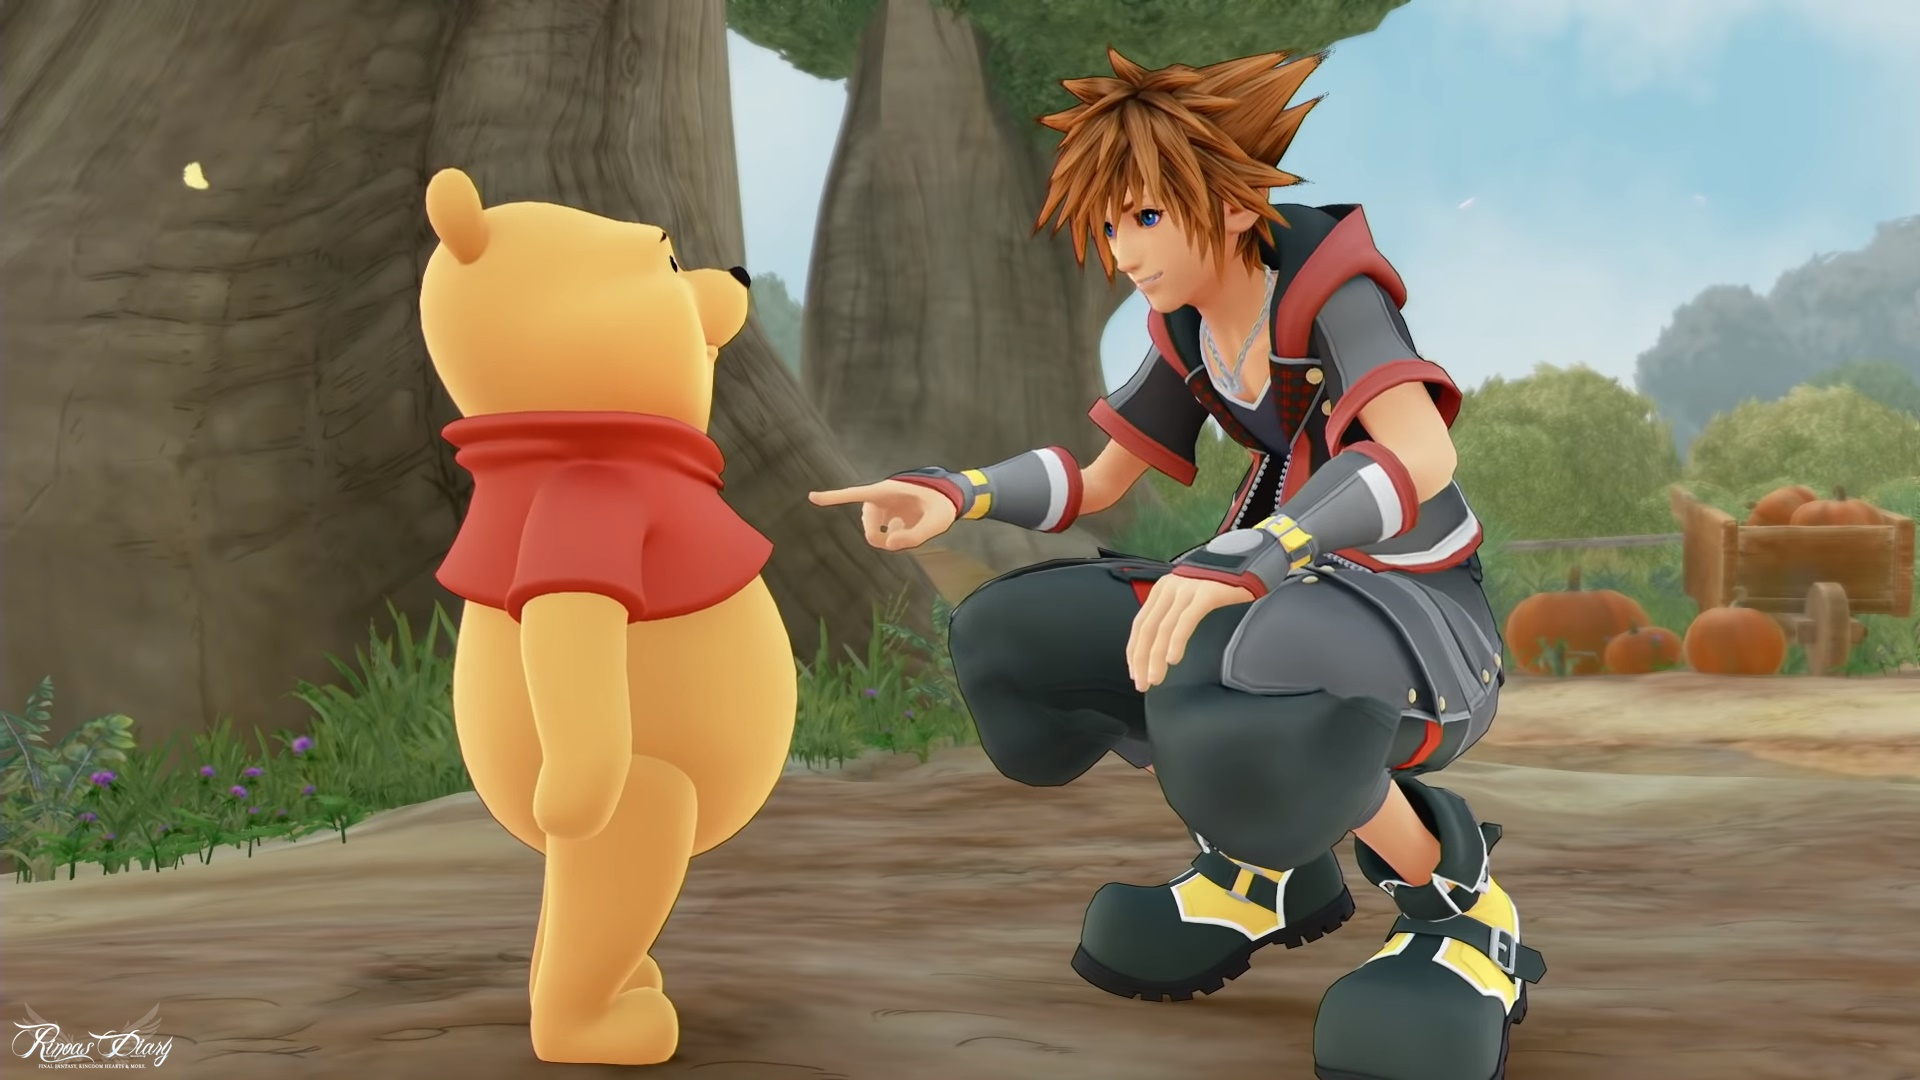 Il nuovo trailer di Kingdom Hearts III mostra il ritorno di Winnie The Pooh!